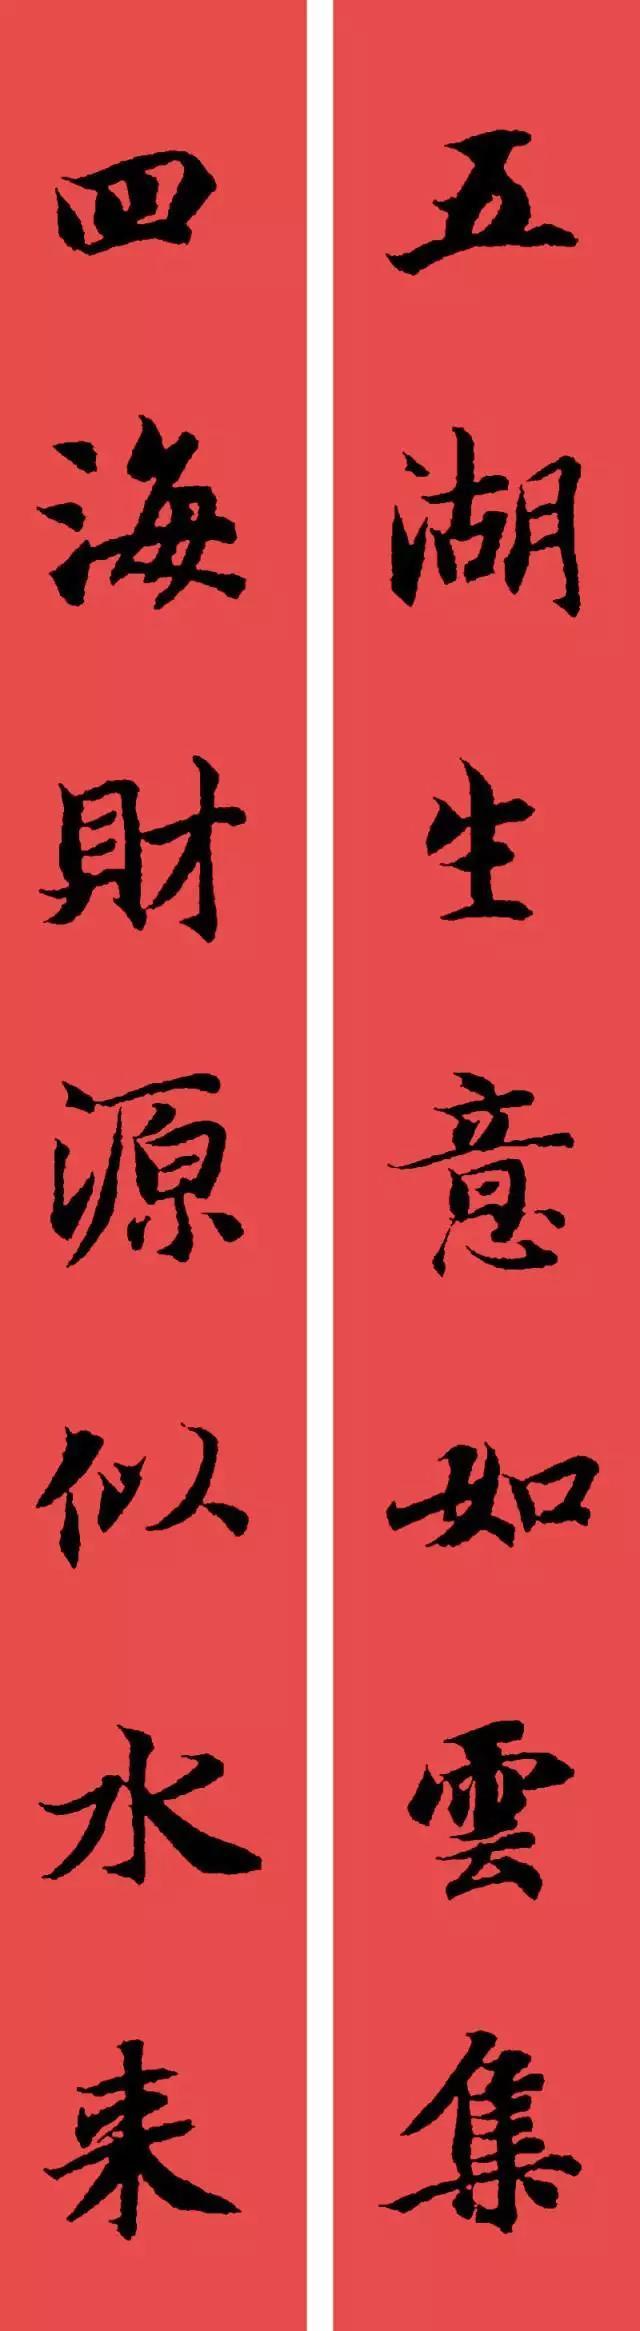 2021年对联,智永楷书集字春联